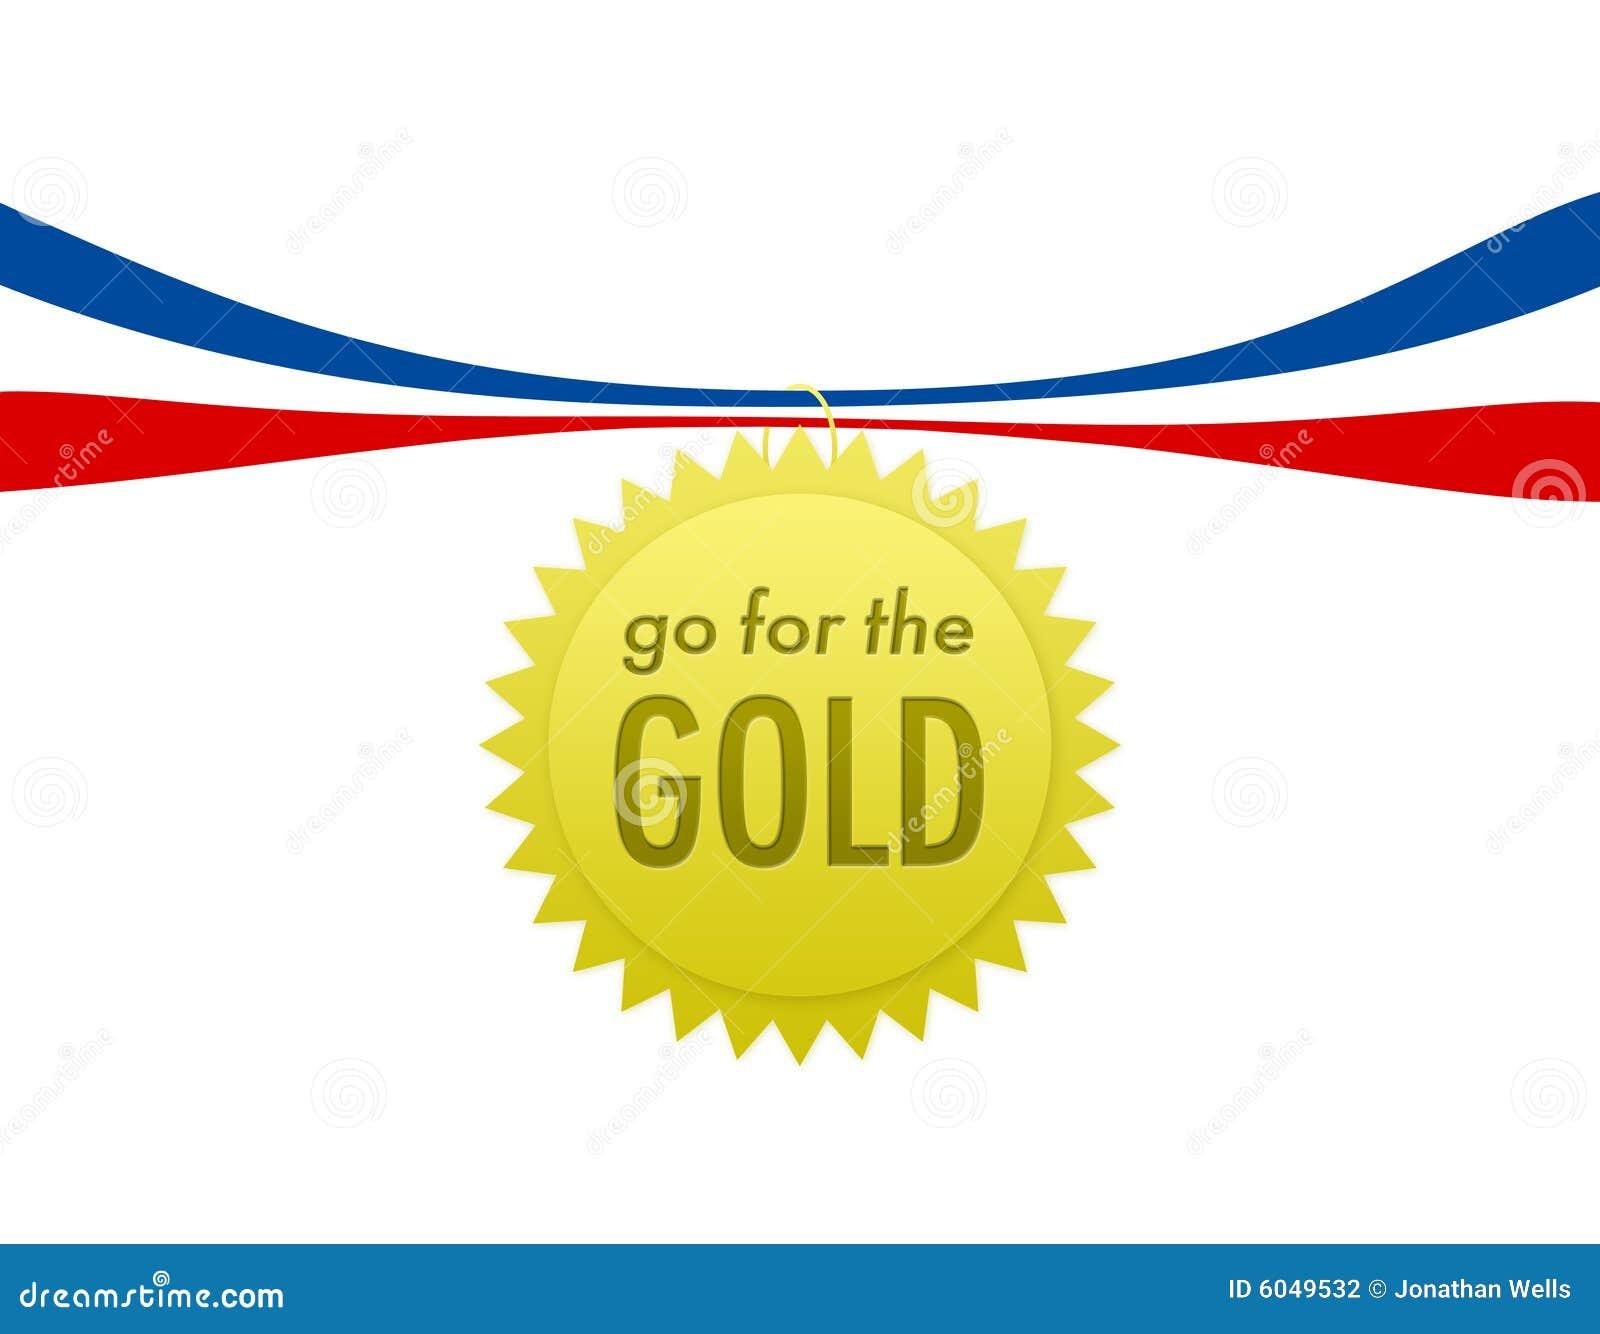 go for the gold stock illustration illustration of gold 6049532. Black Bedroom Furniture Sets. Home Design Ideas